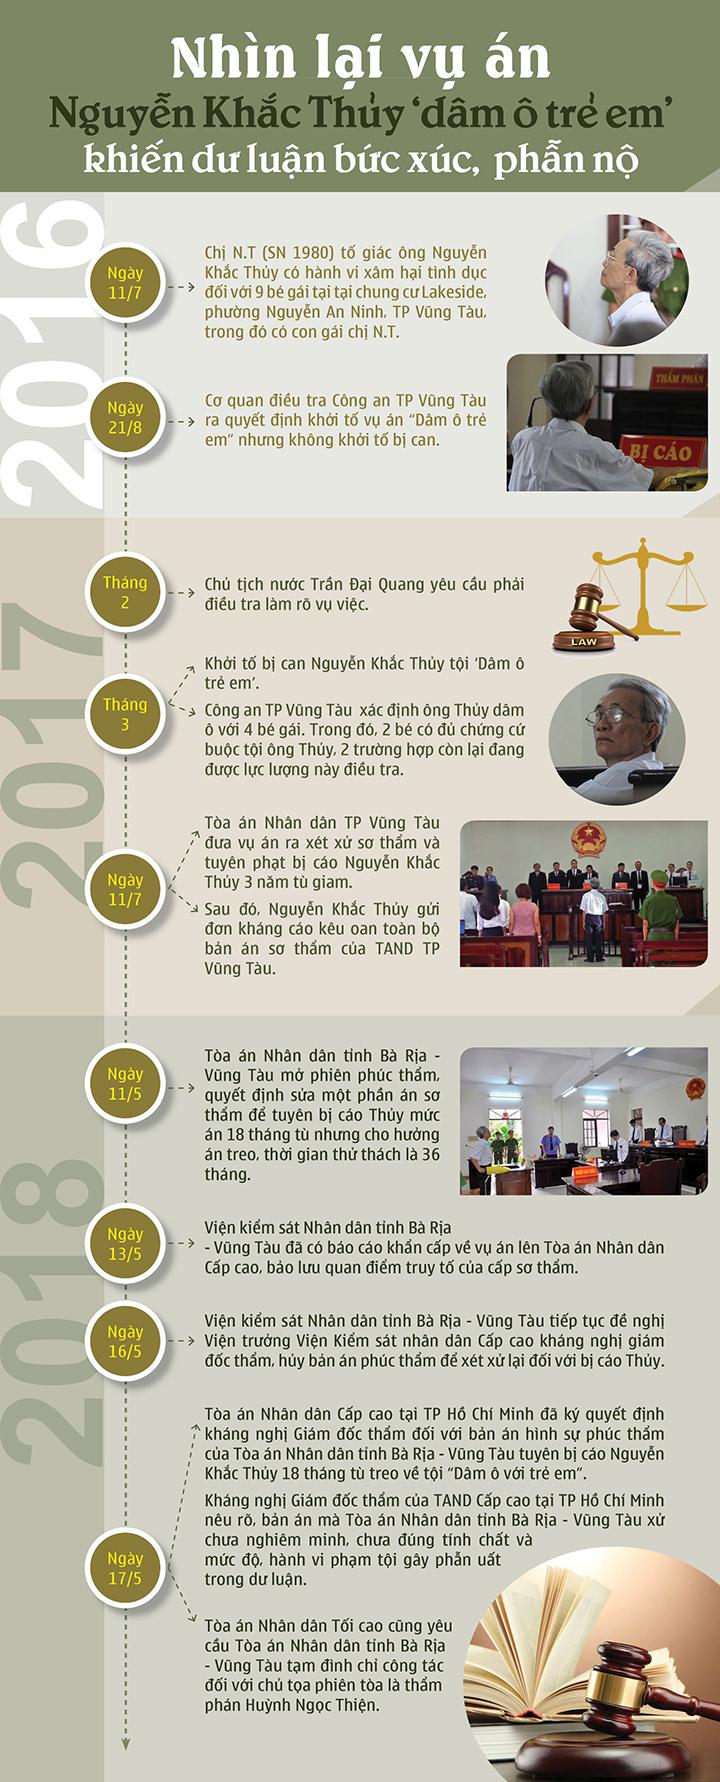 infographic vi sao du luan phan no voi ban an cho toi dam o cua ong gia 77 tuoi